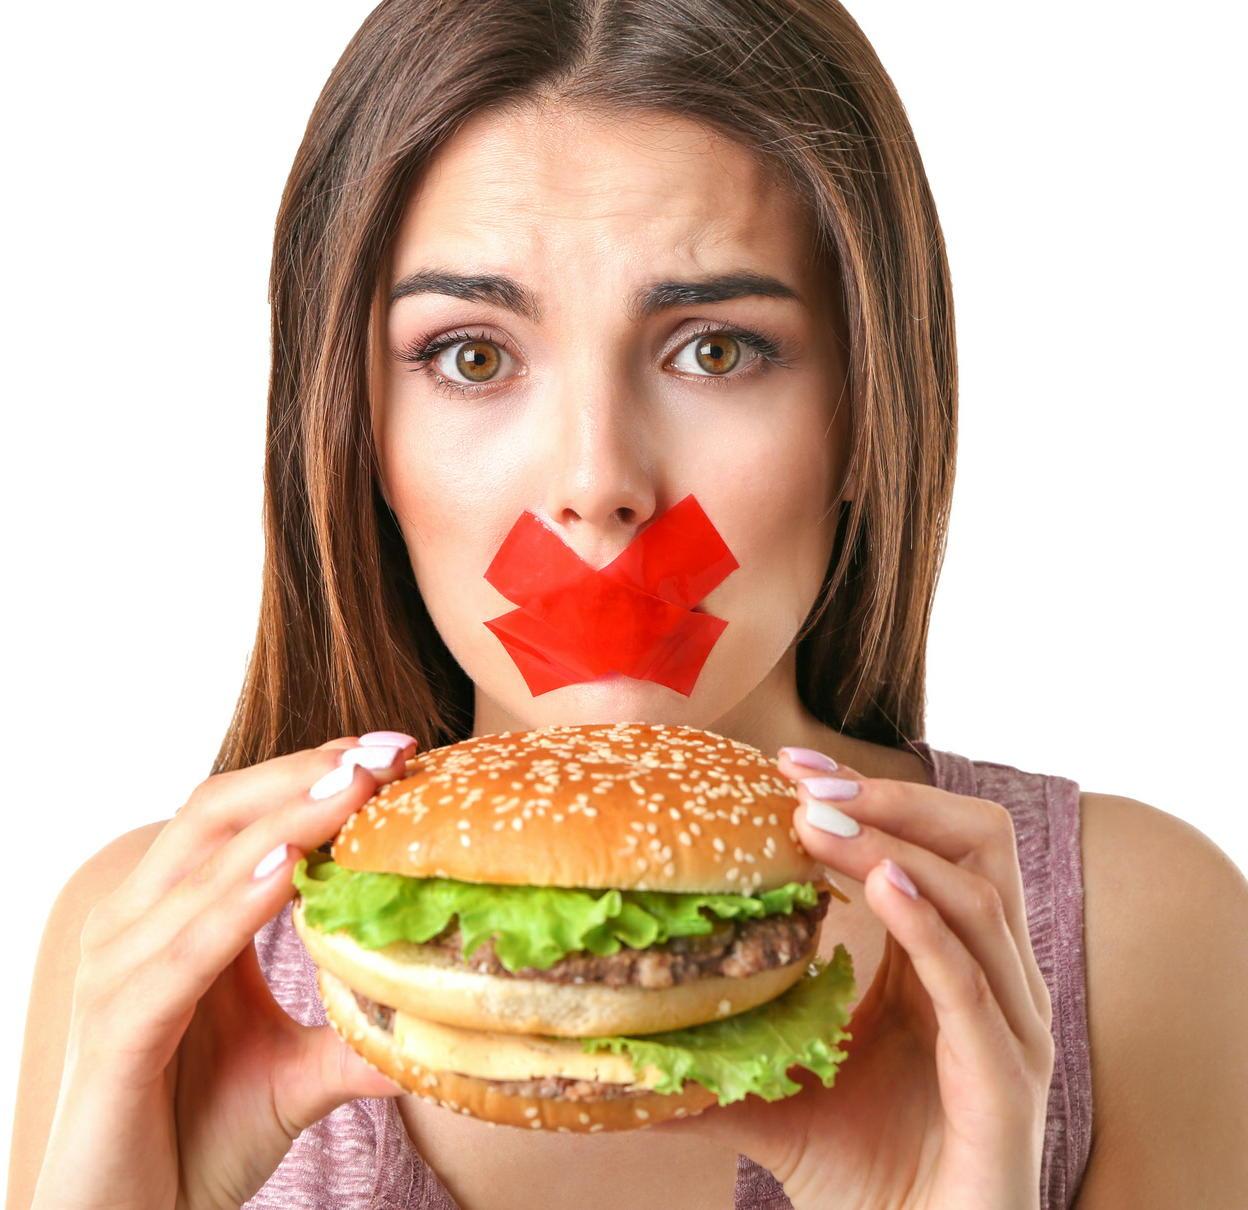 高血圧予防ダイエットは痛風にも効果がある 高血圧と痛風の両方を改善